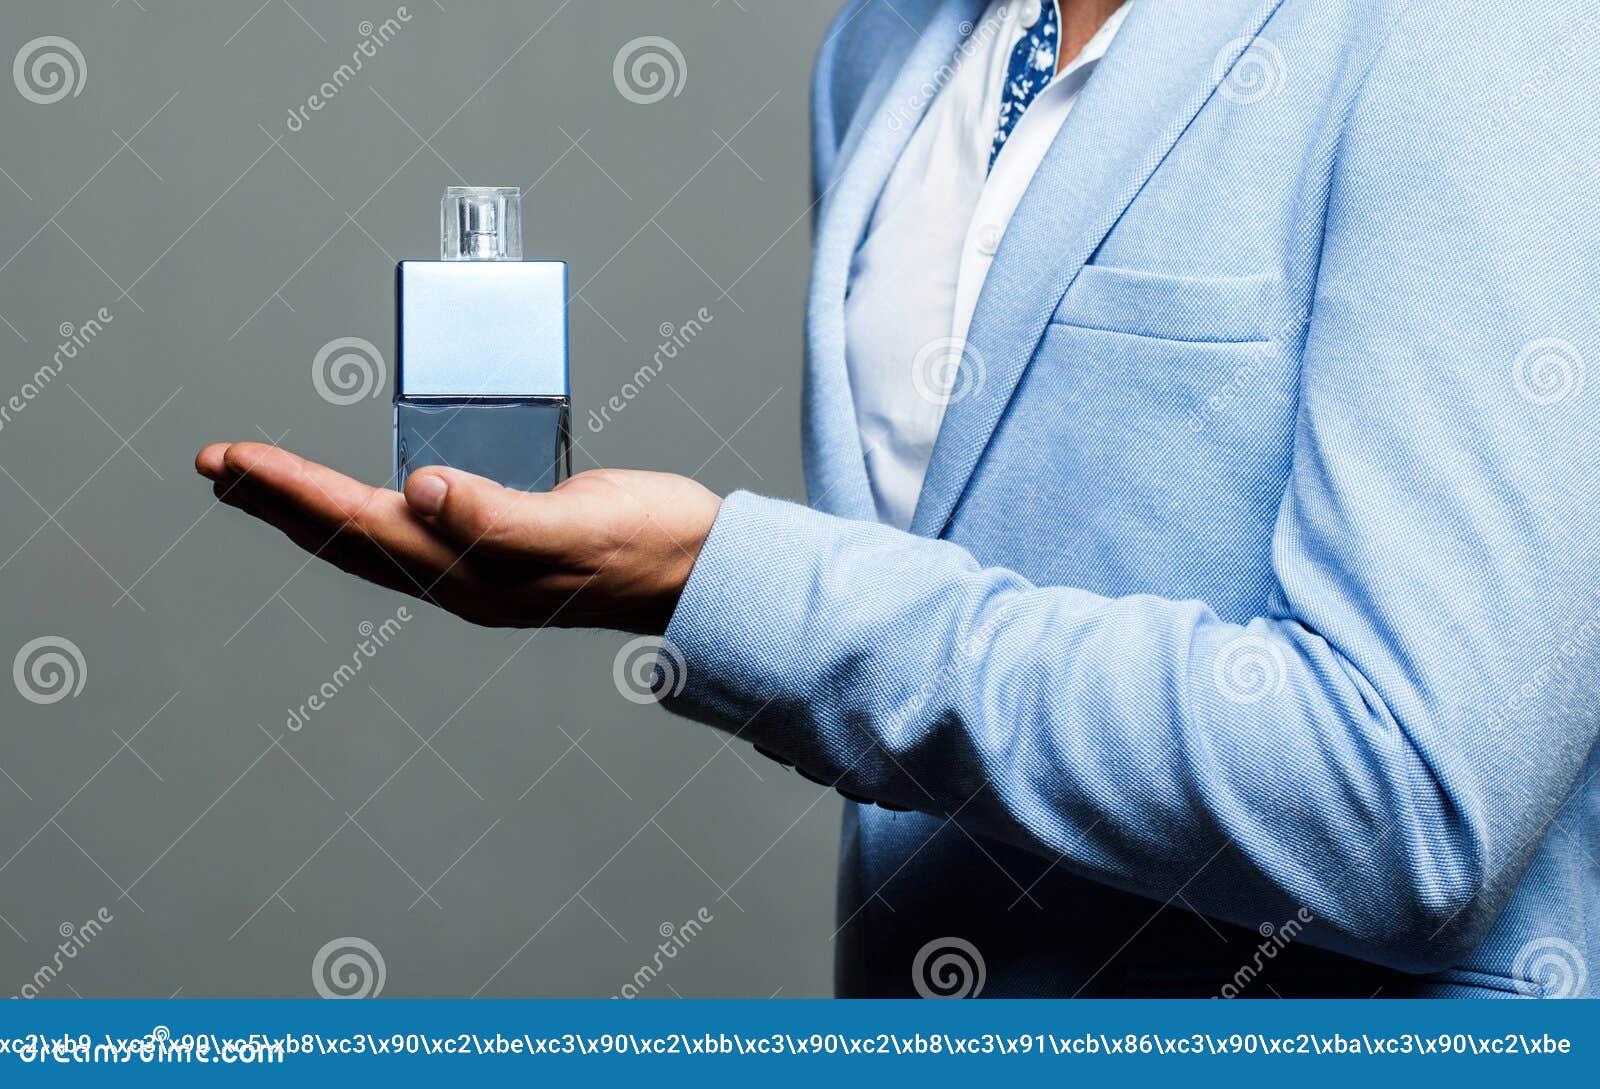 Αρσενικό άρωμα, γενειοφόρο άτομο σε ένα κοστούμι Άρωμα ατόμων, άρωμα Αρσενικό να κρατήσει ψηλά μπουκάλι του αρώματος Άρωμα ή Κολω